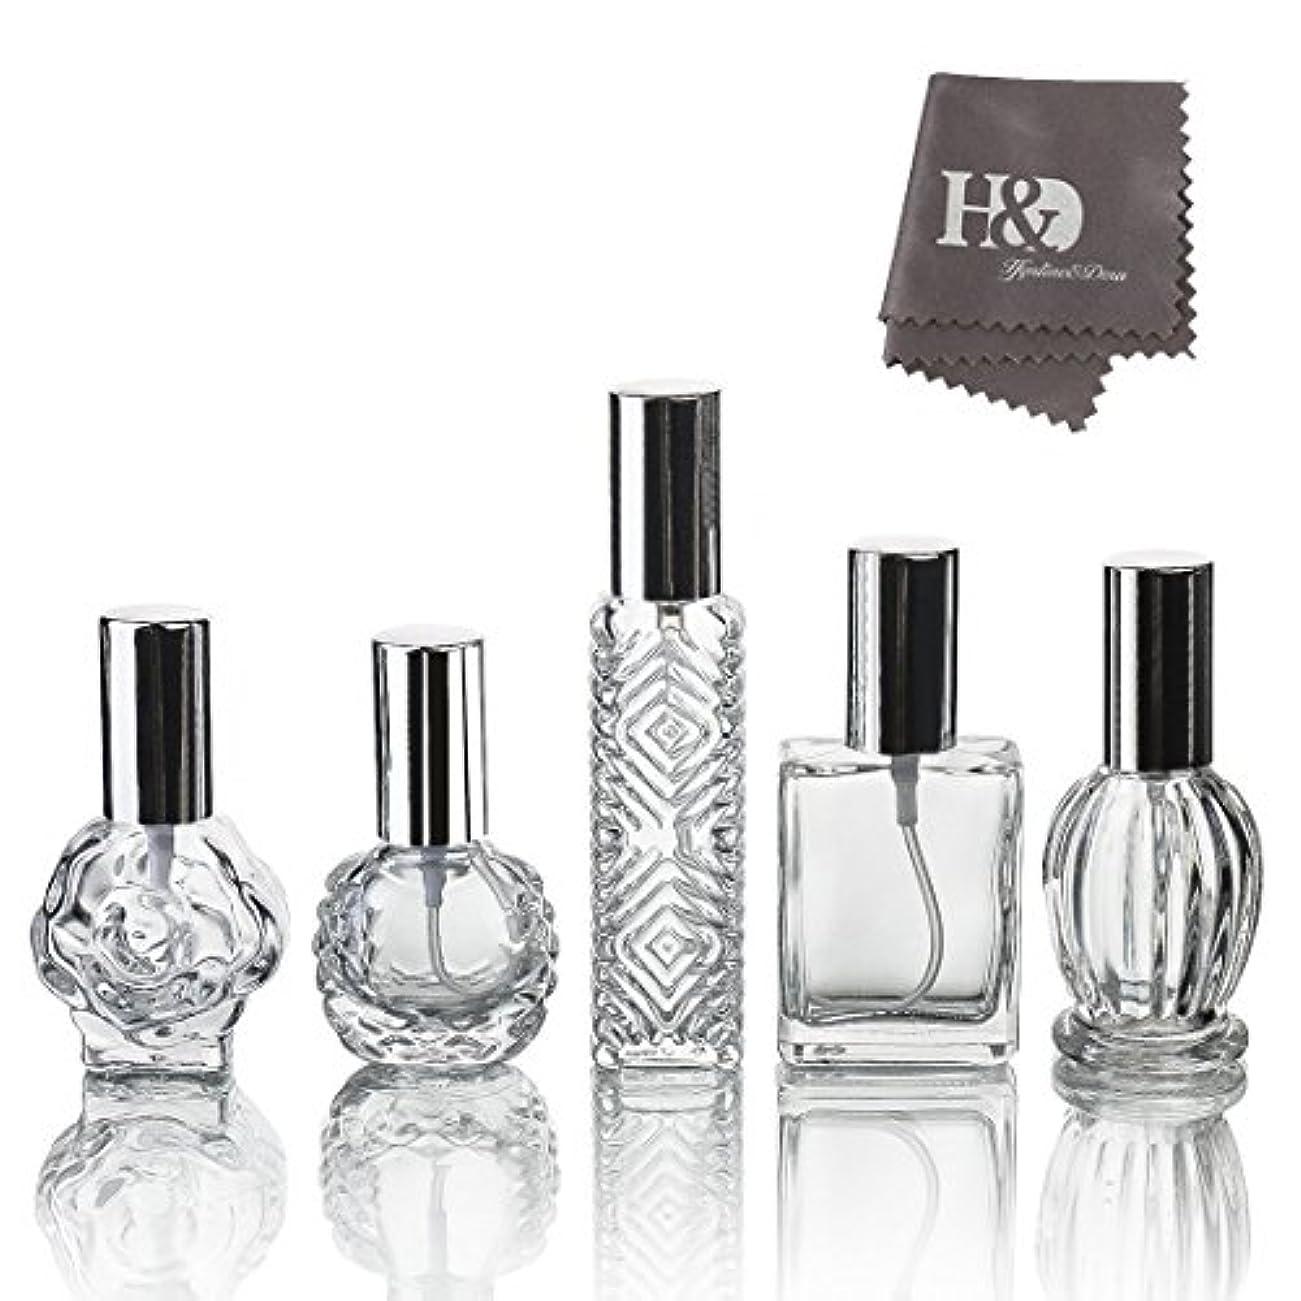 農業の検出する金銭的H&D 5枚セット ガラスボトル 香水瓶 詰替用瓶 分け瓶 旅行用品 化粧水用瓶 装飾雑貨 ガラス製 (2)